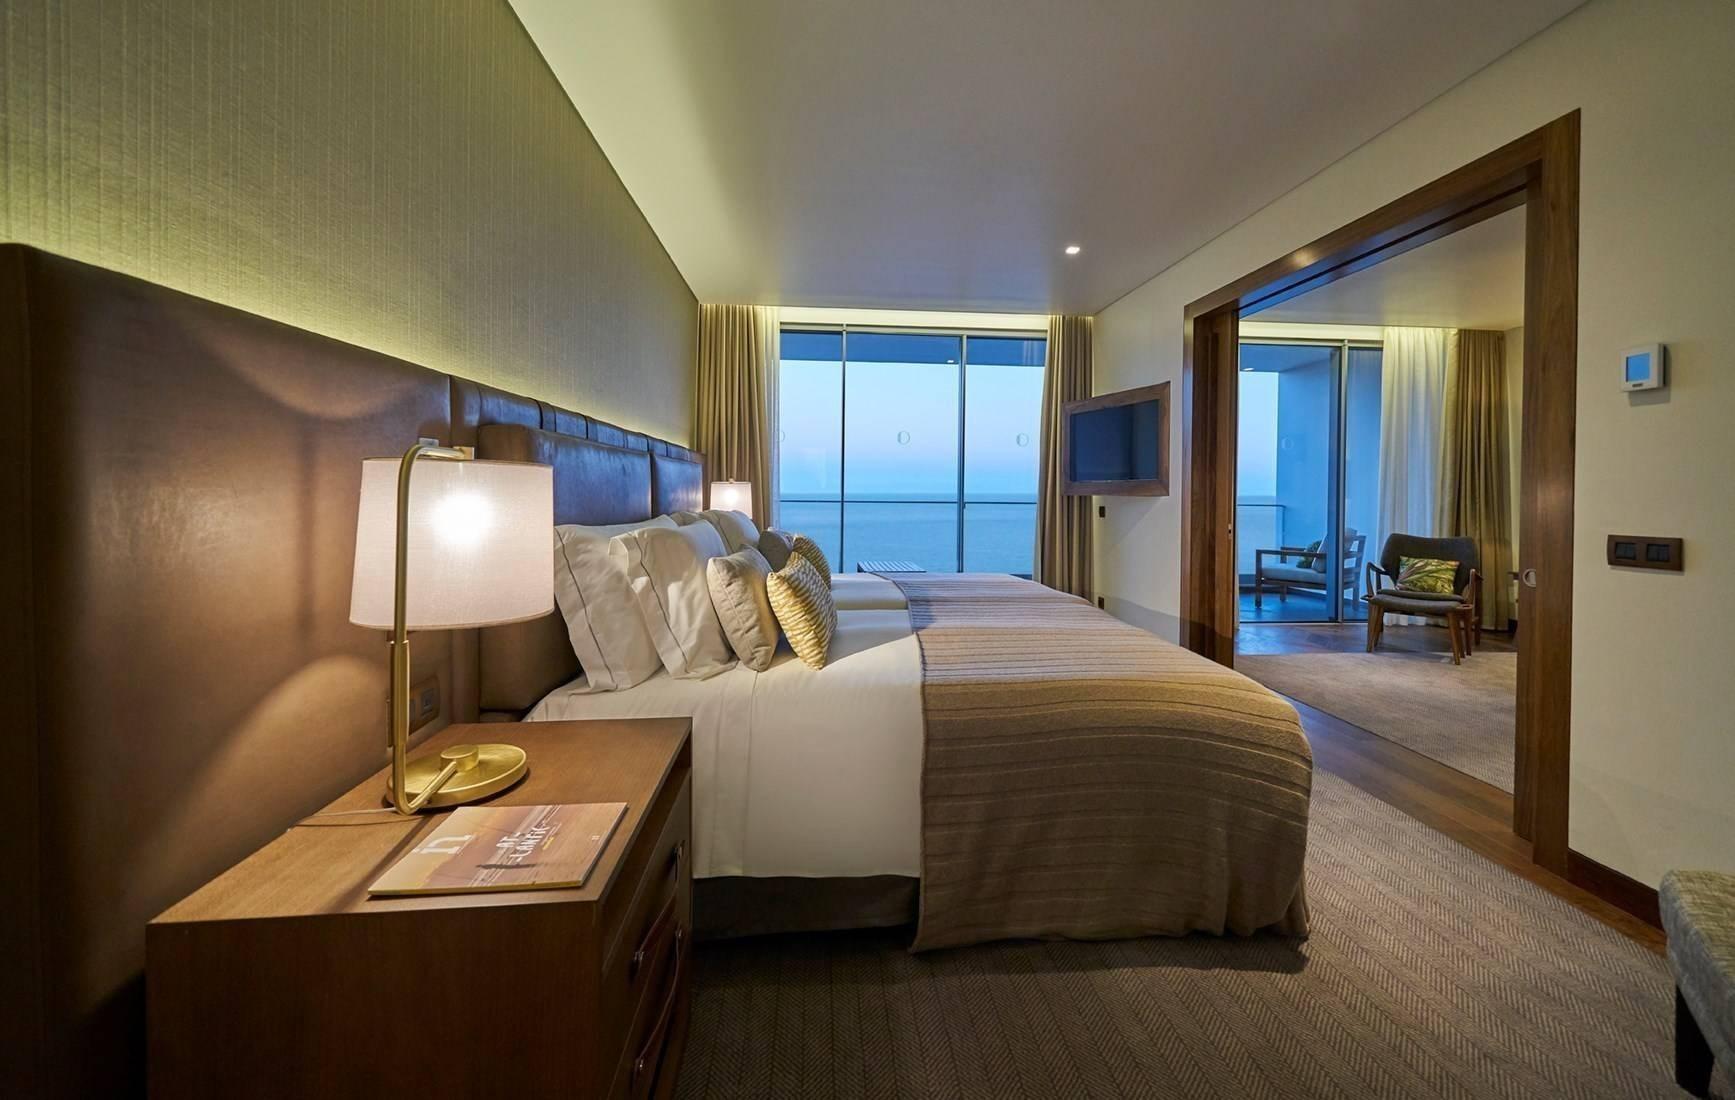 Les Suites at The Cliff Bay - Suite